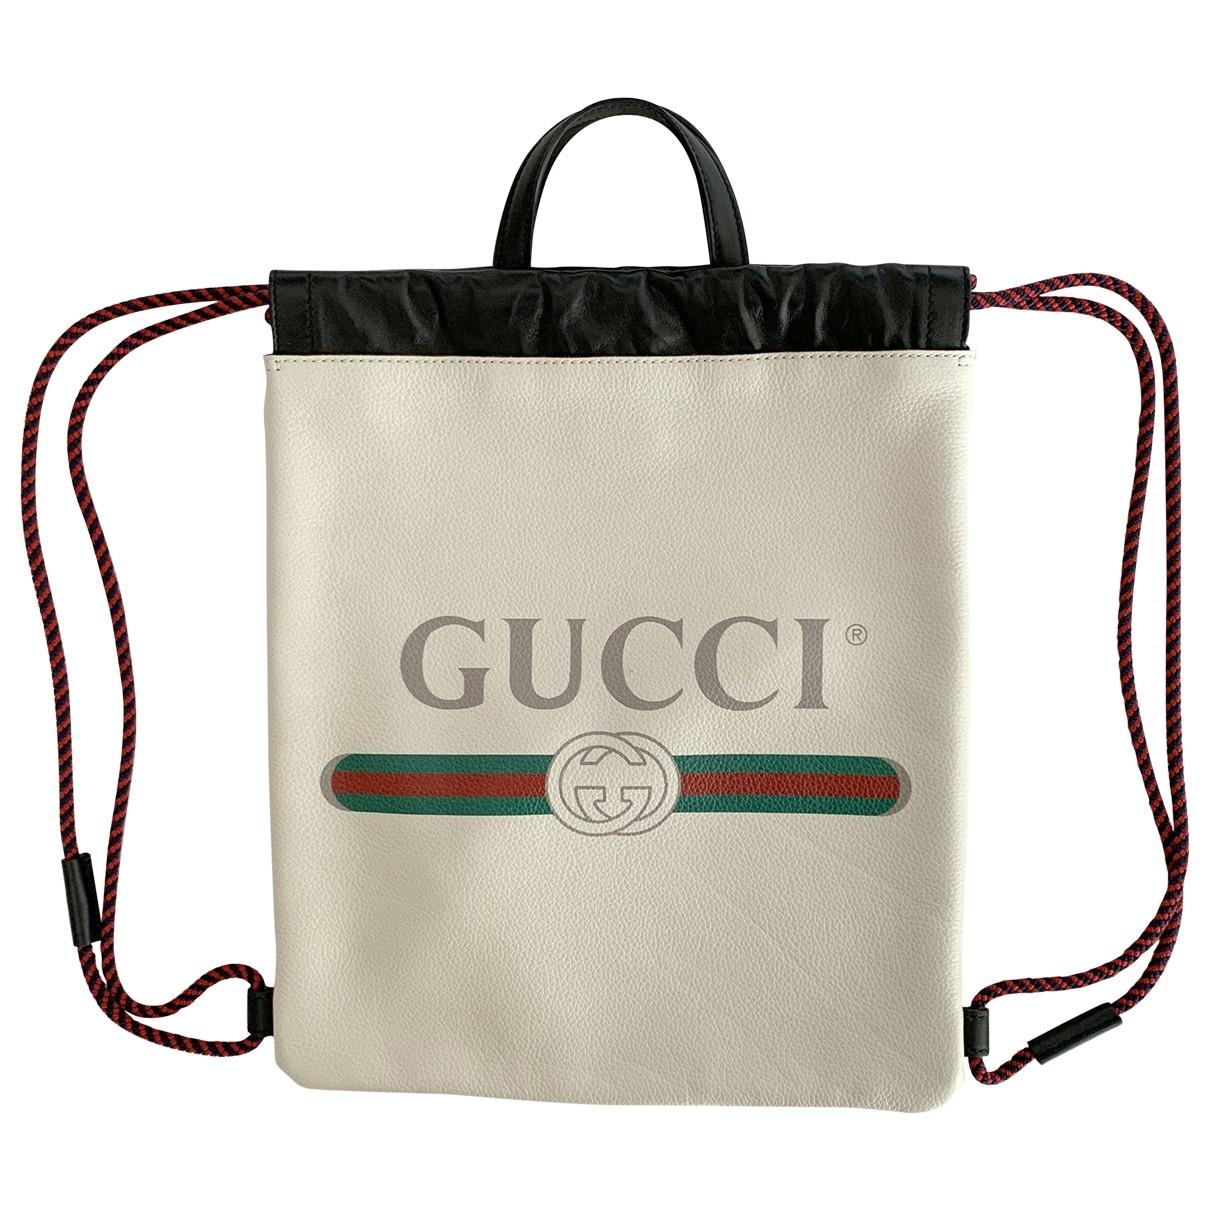 Gucci - Sac a dos   pour femme en cuir - beige